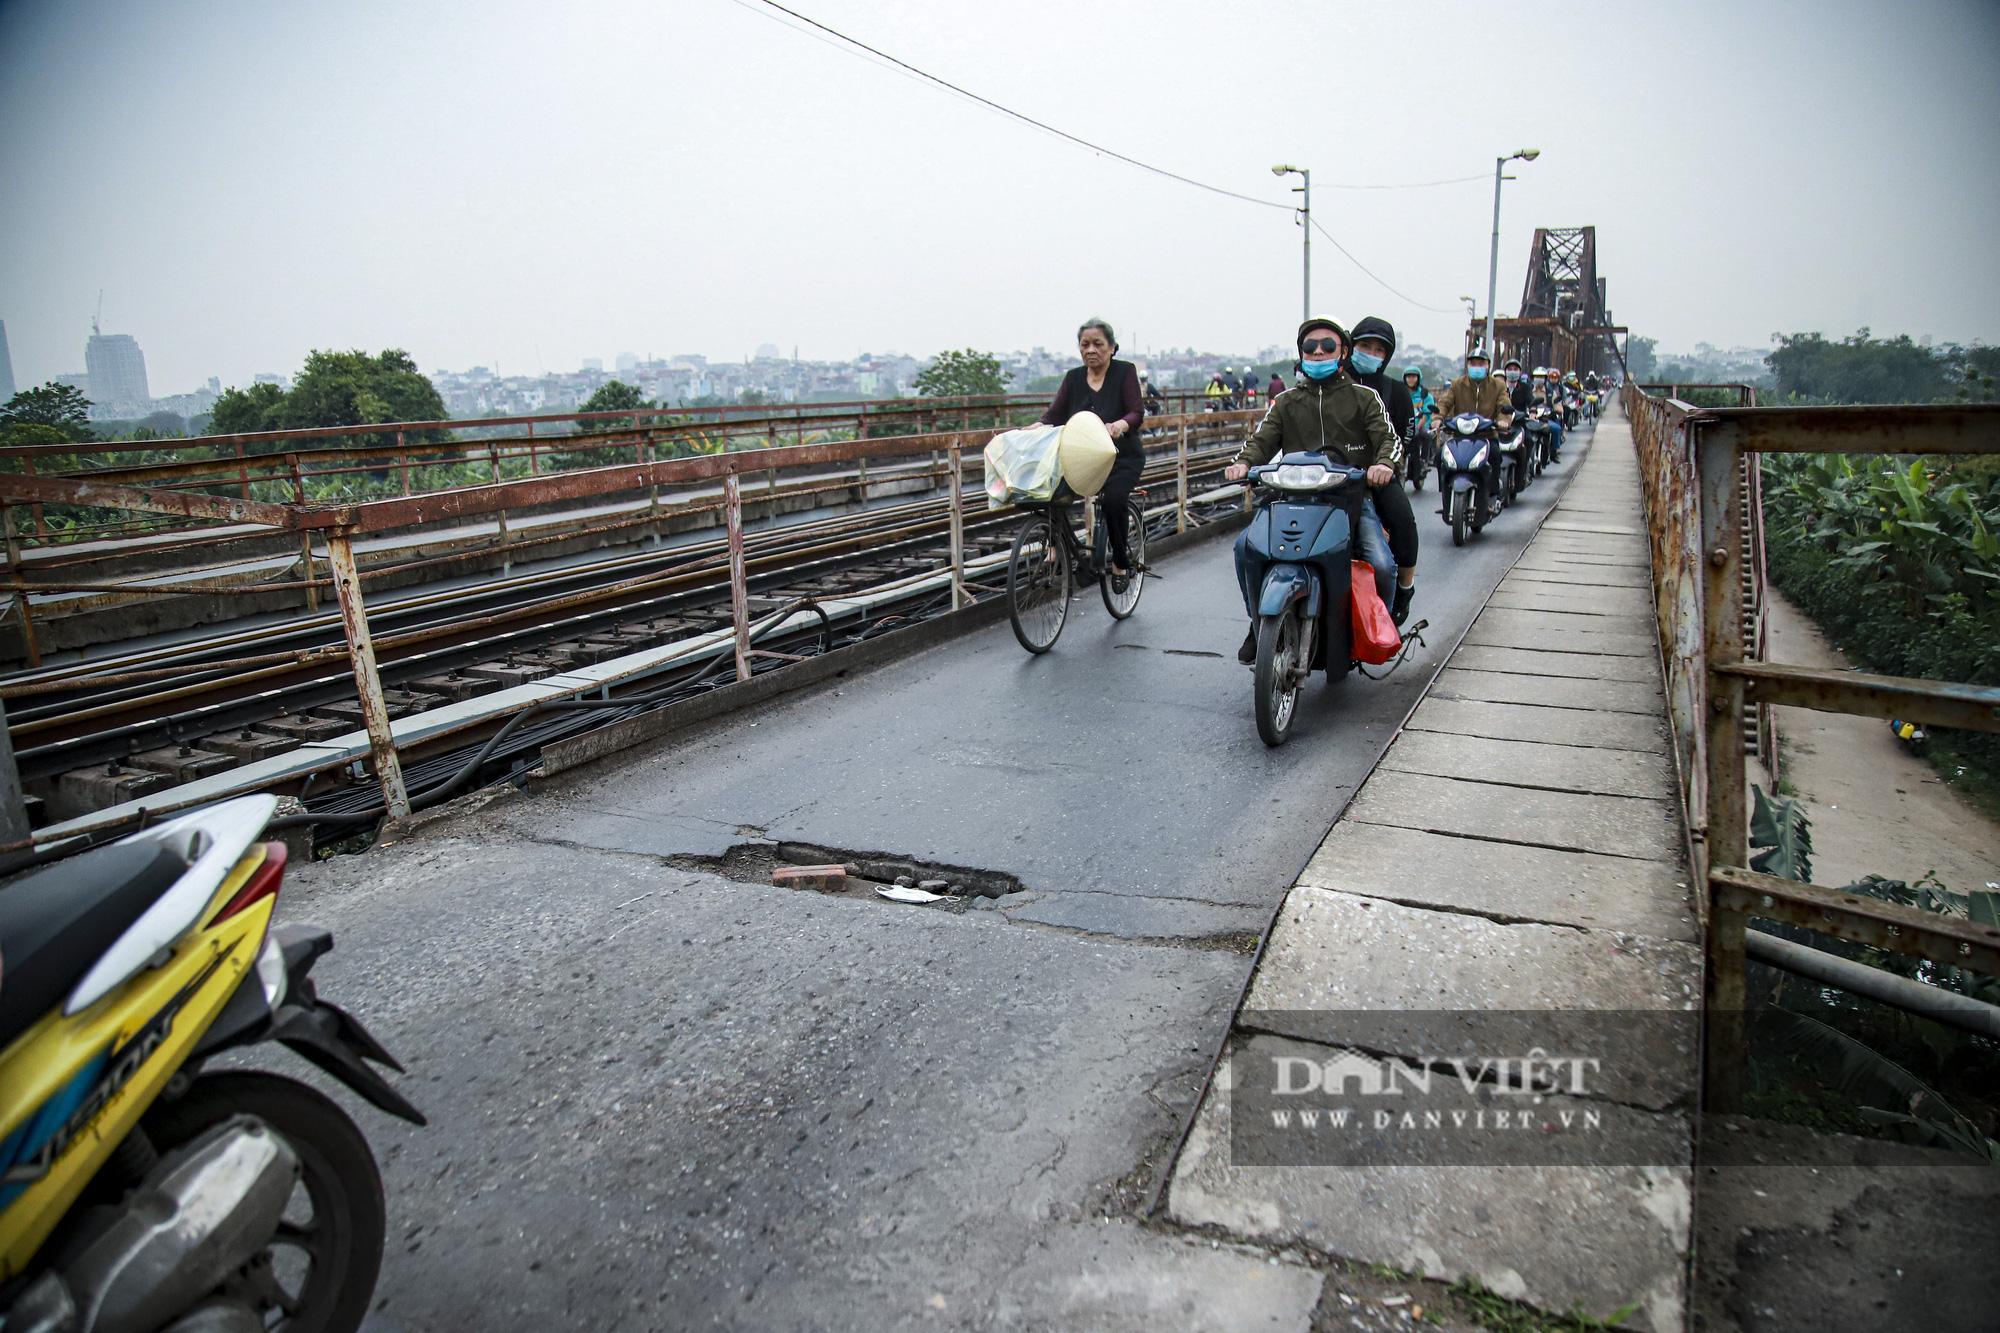 Cầu Long Biên xuống cấp đến không ngờ, mặt đường nhiều ổ gà, hở hàm ếch có thể nhìn rõ mặt nước sông Hồng - Ảnh 2.